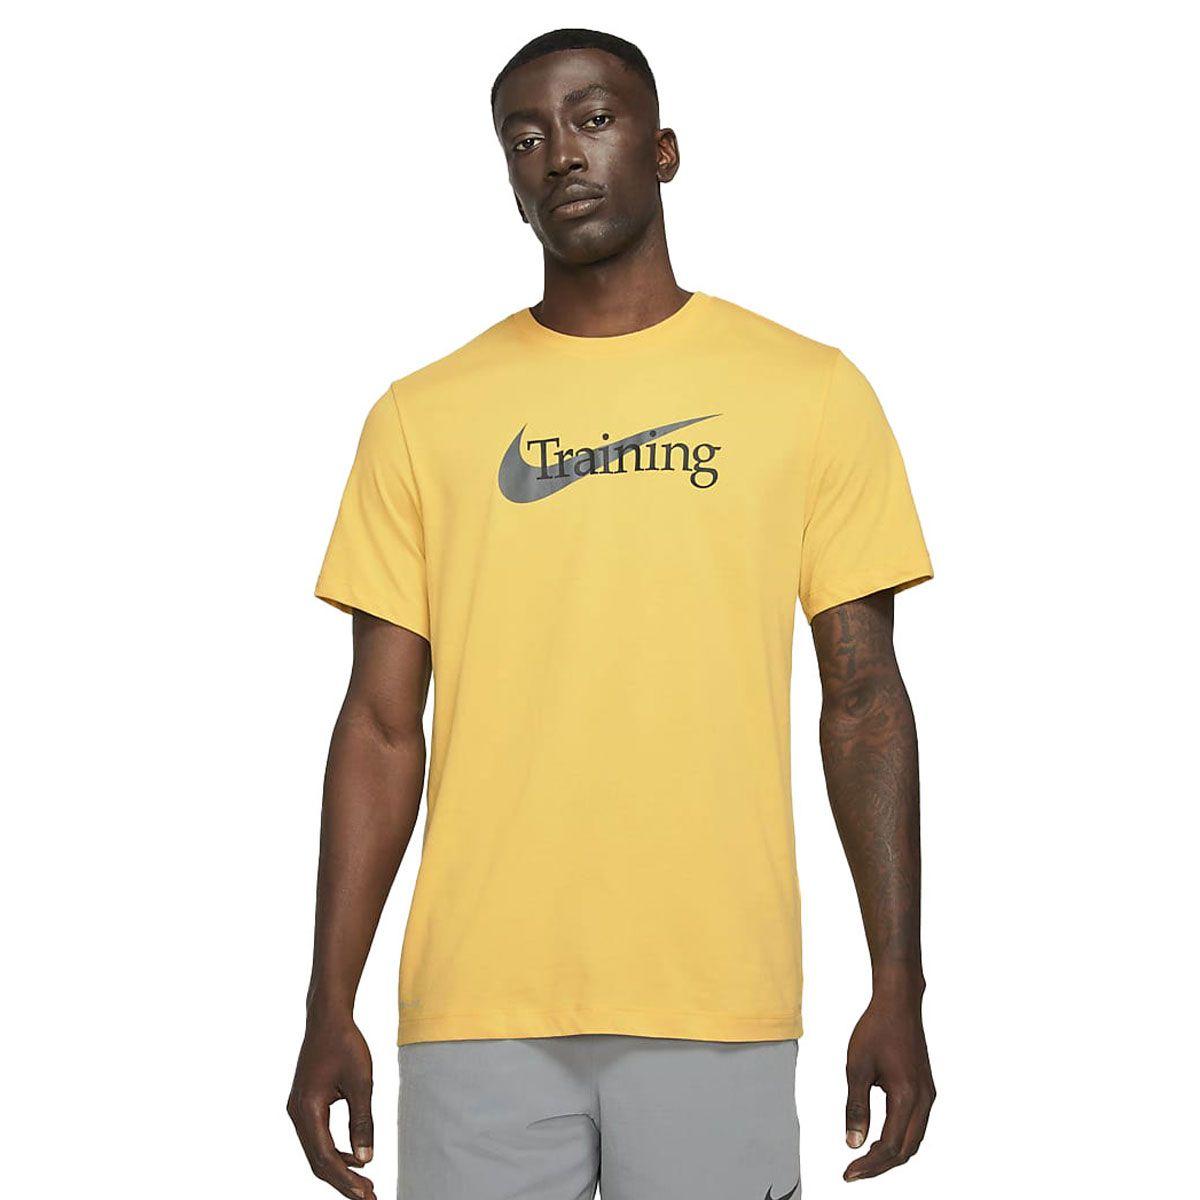 Nike T-Shirt Manica Corta Cotone Drifit Training